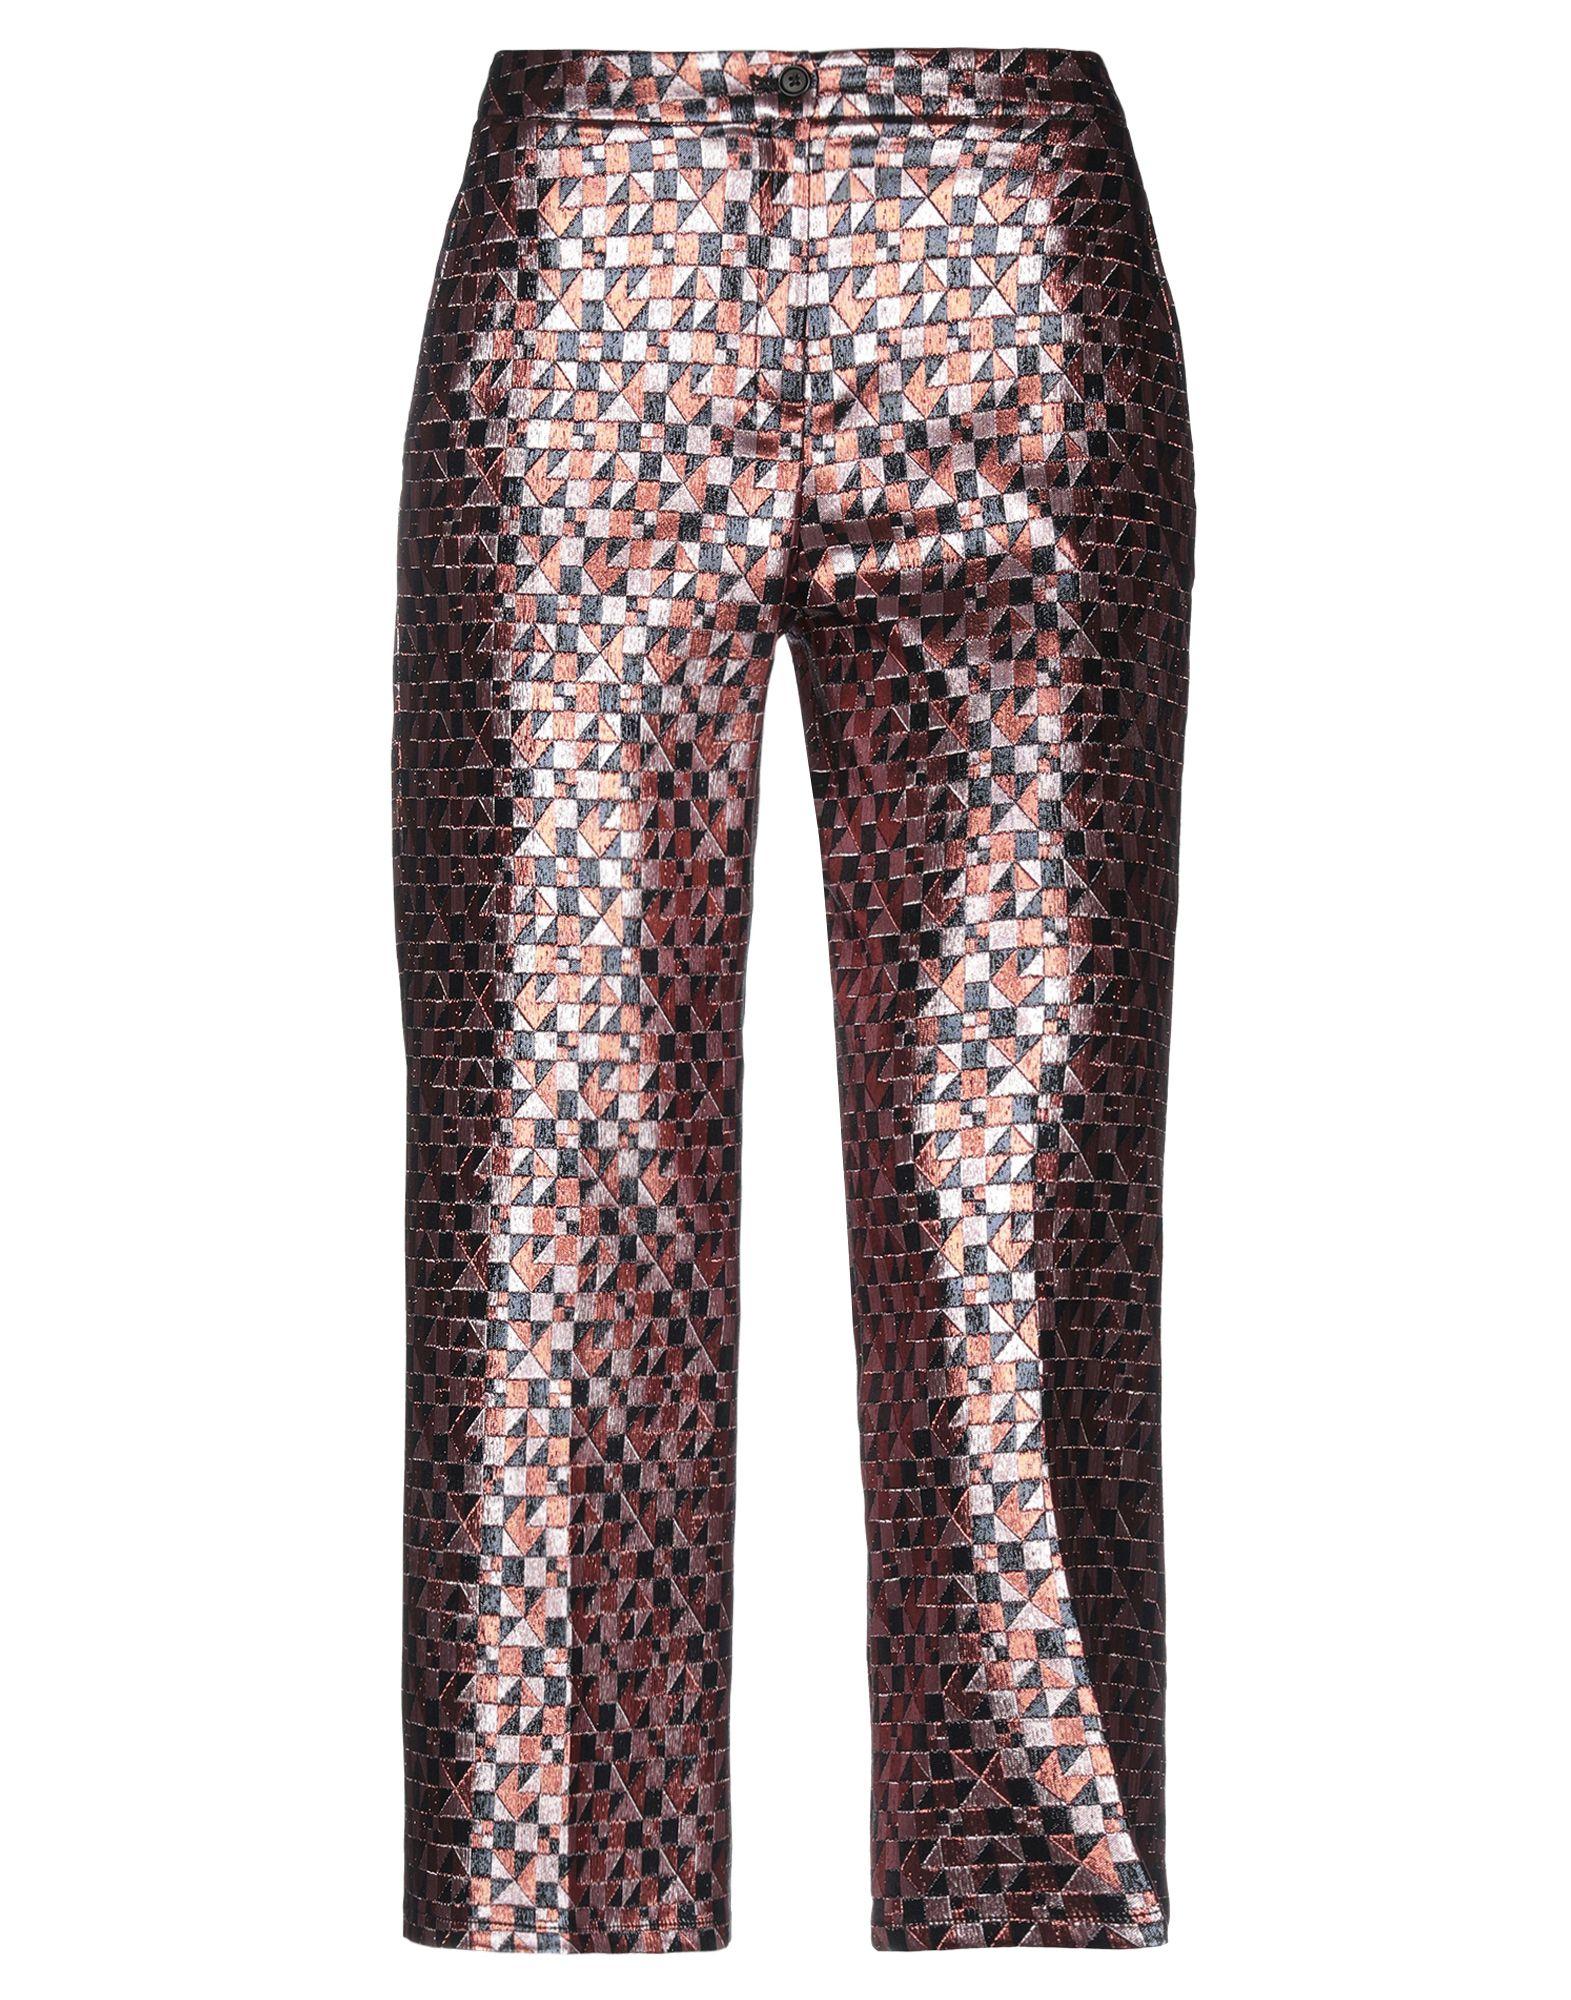 laura urbinati повседневные шорты LAURA URBINATI Повседневные брюки